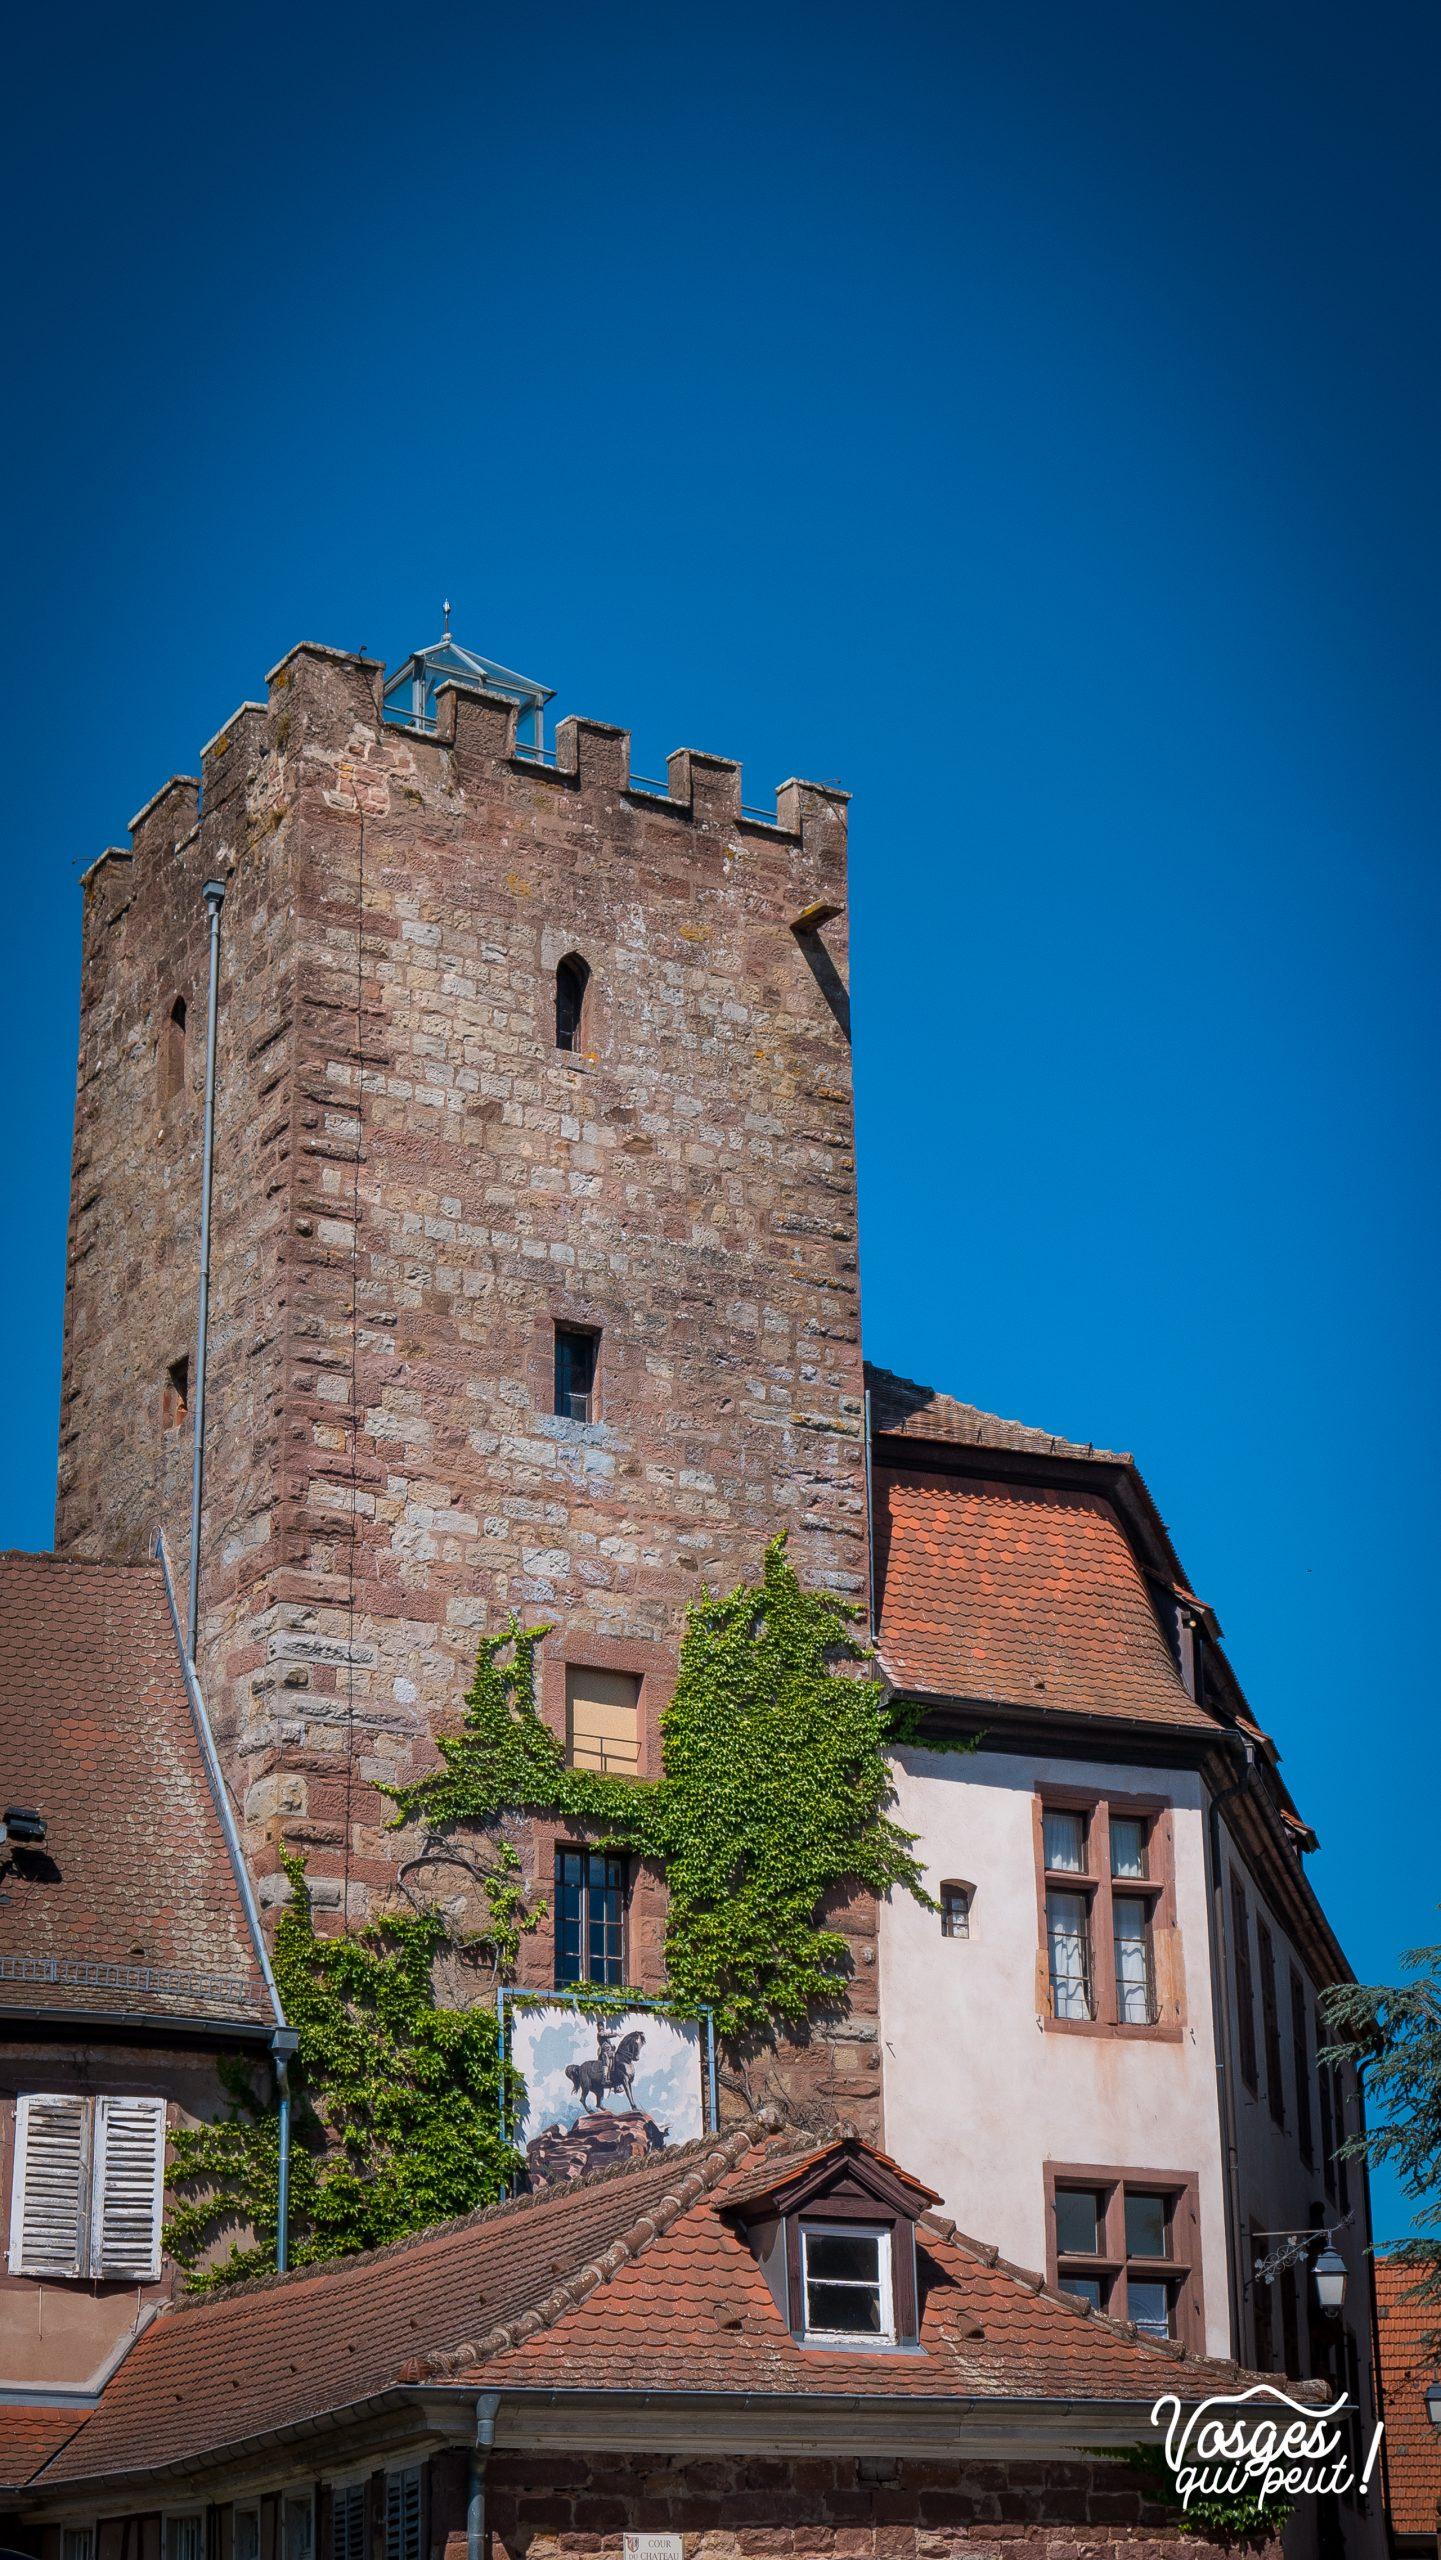 Le musée de la bataille du 6 août 1870 à Wœrth en Alsace